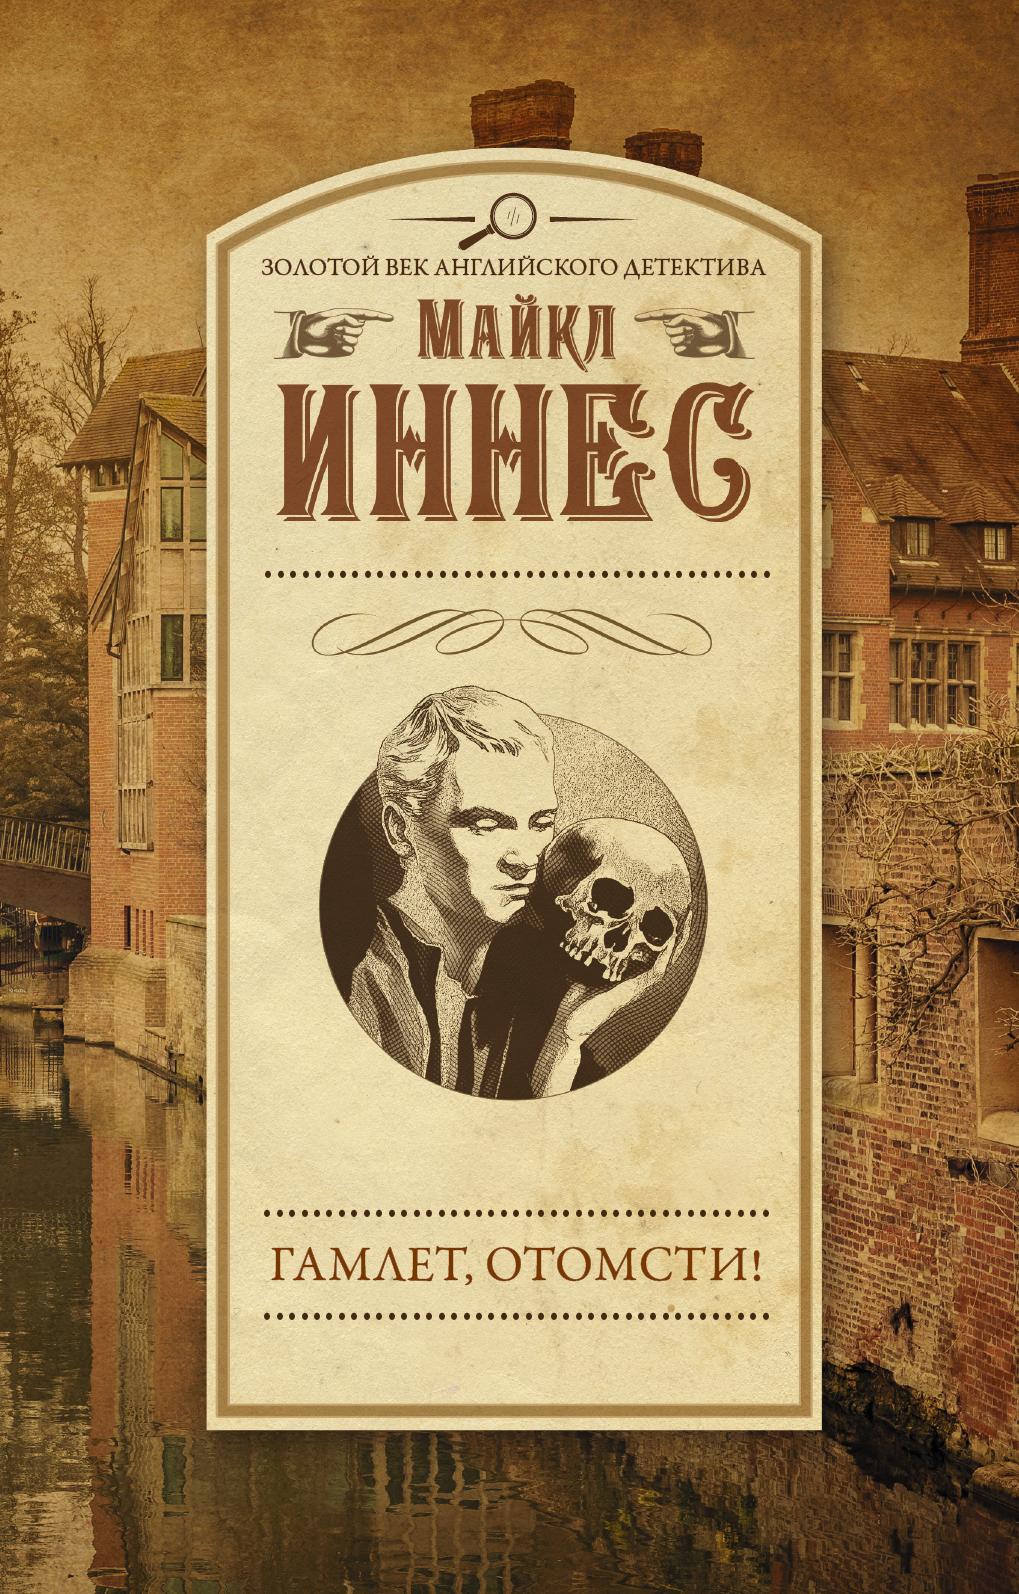 Иннес М. Гамлет, отомсти! гамлет отомсти